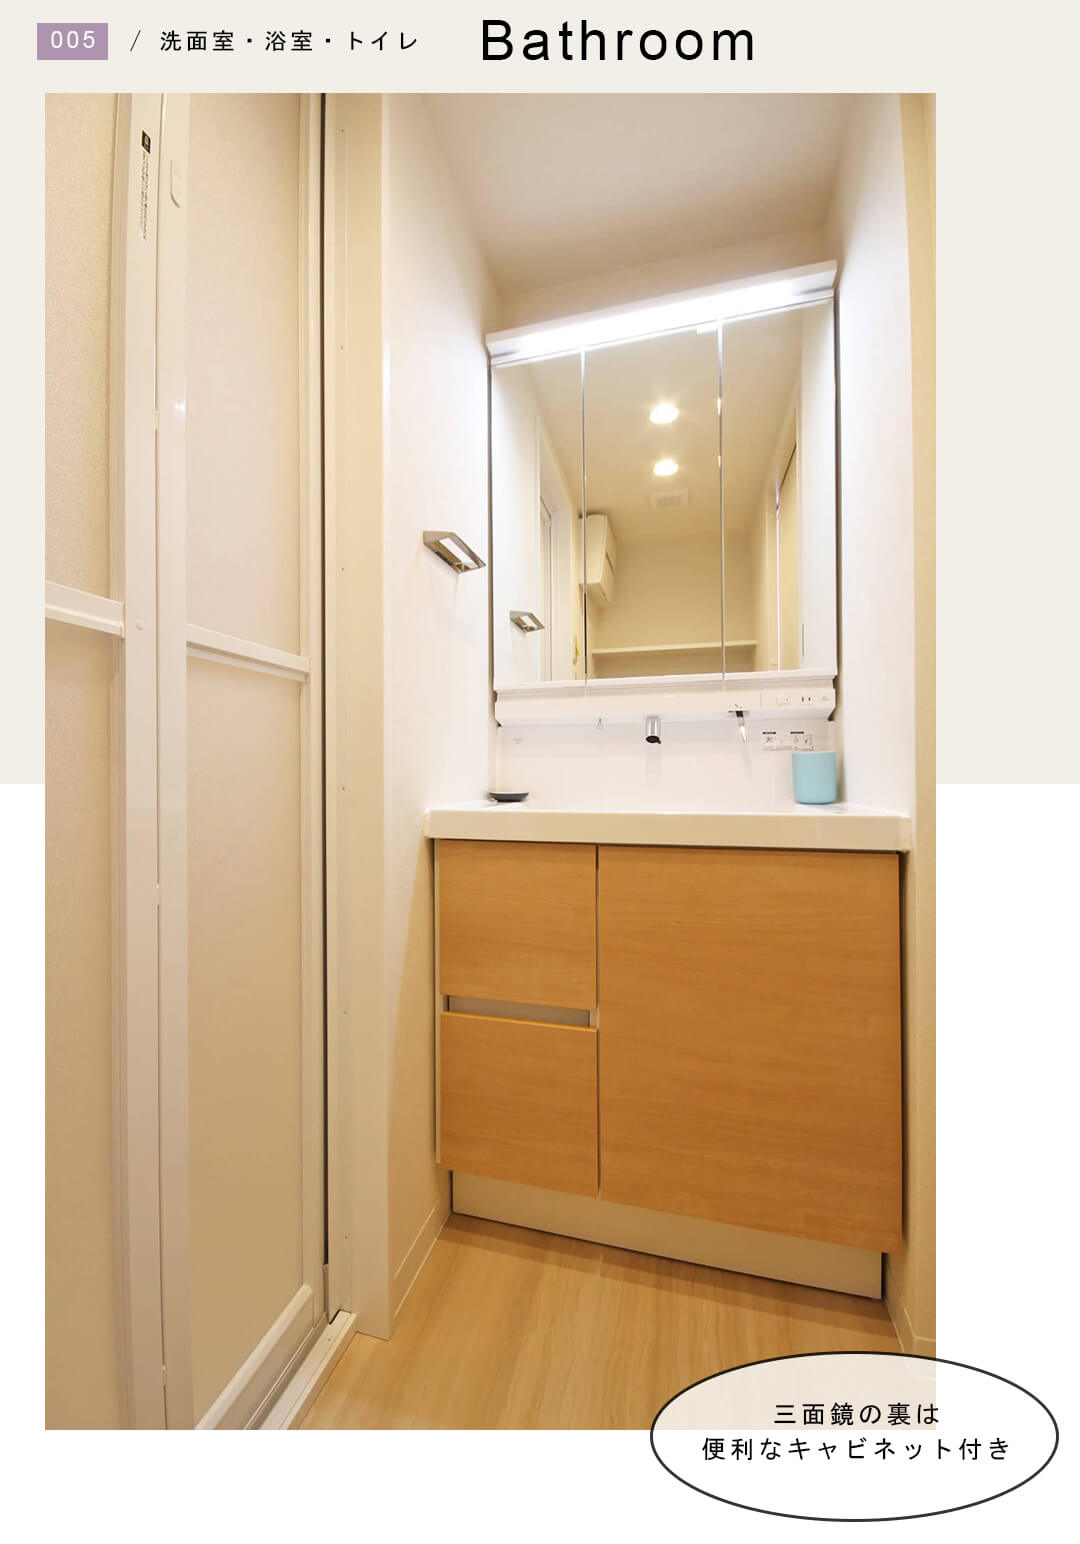 ユニオンパレス成城南の洗面室